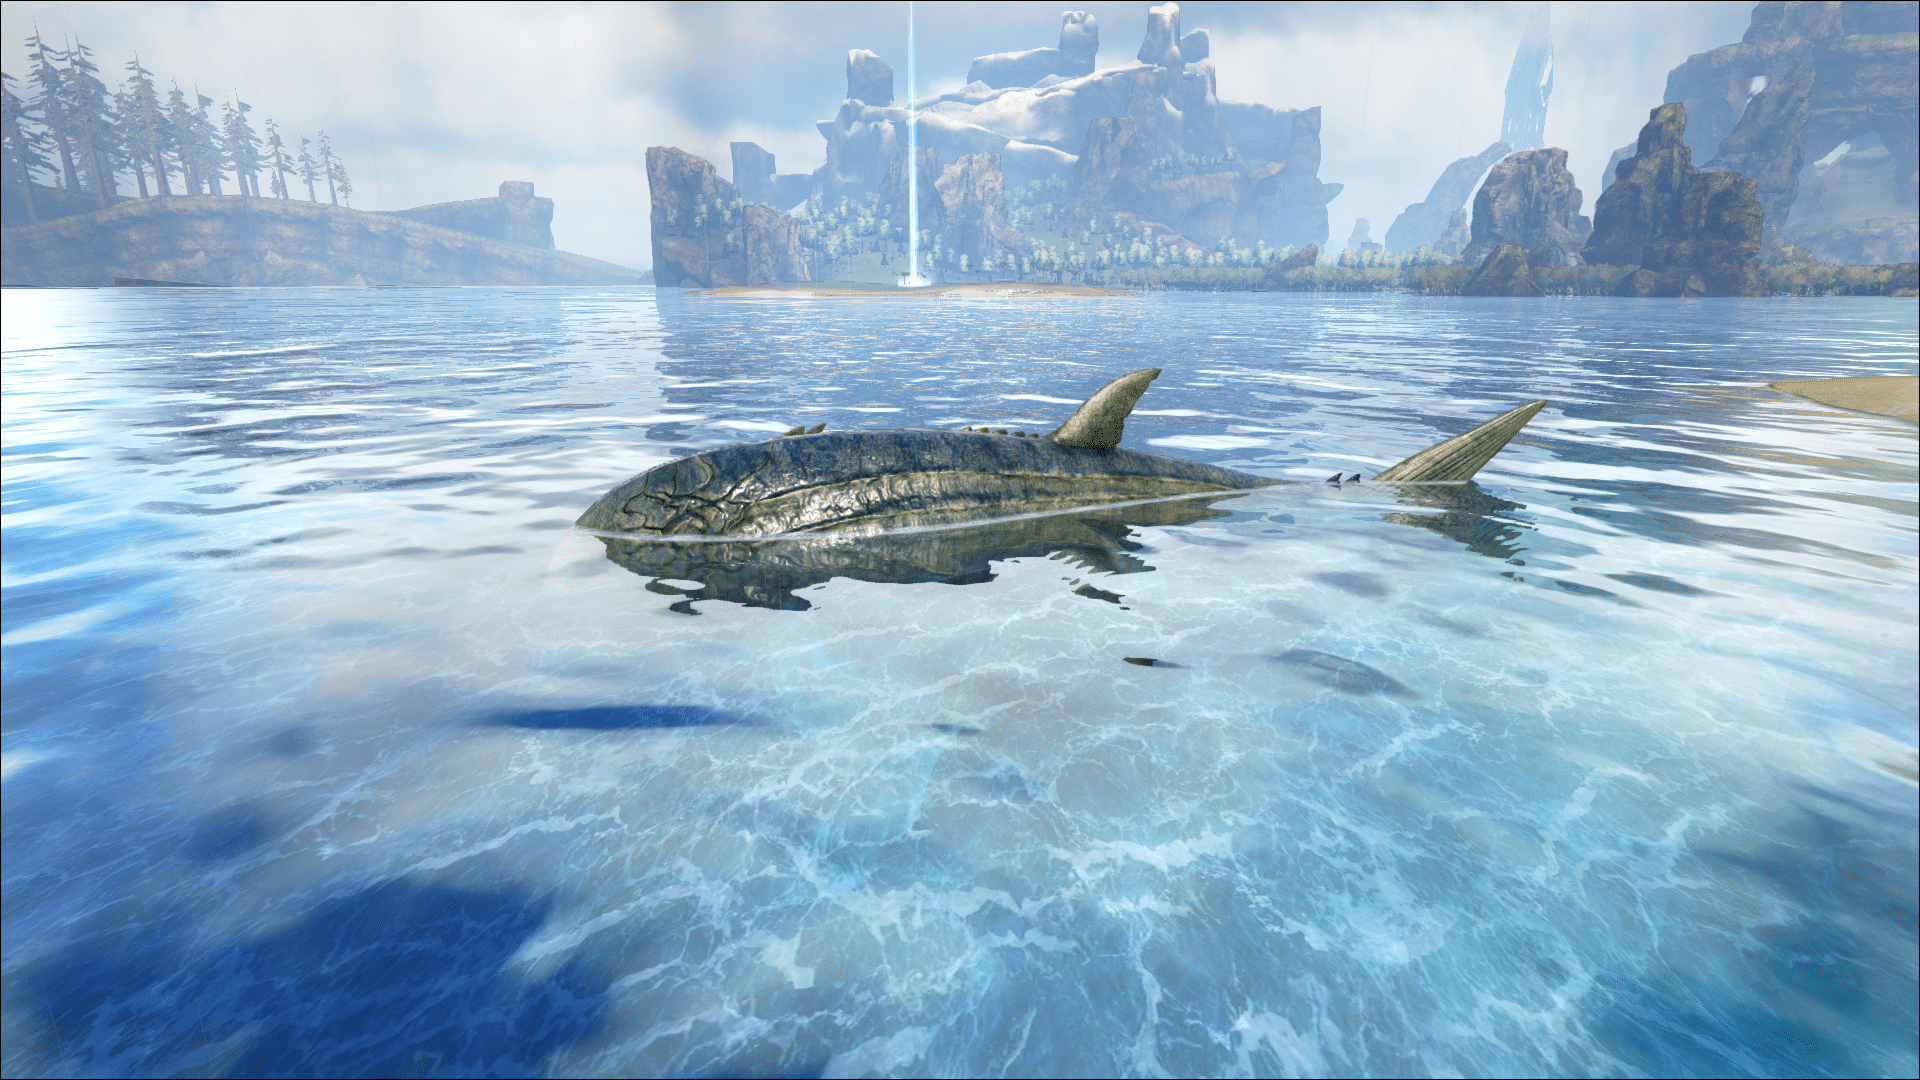 A rare Leedsichthys sighted on Ark: The Center